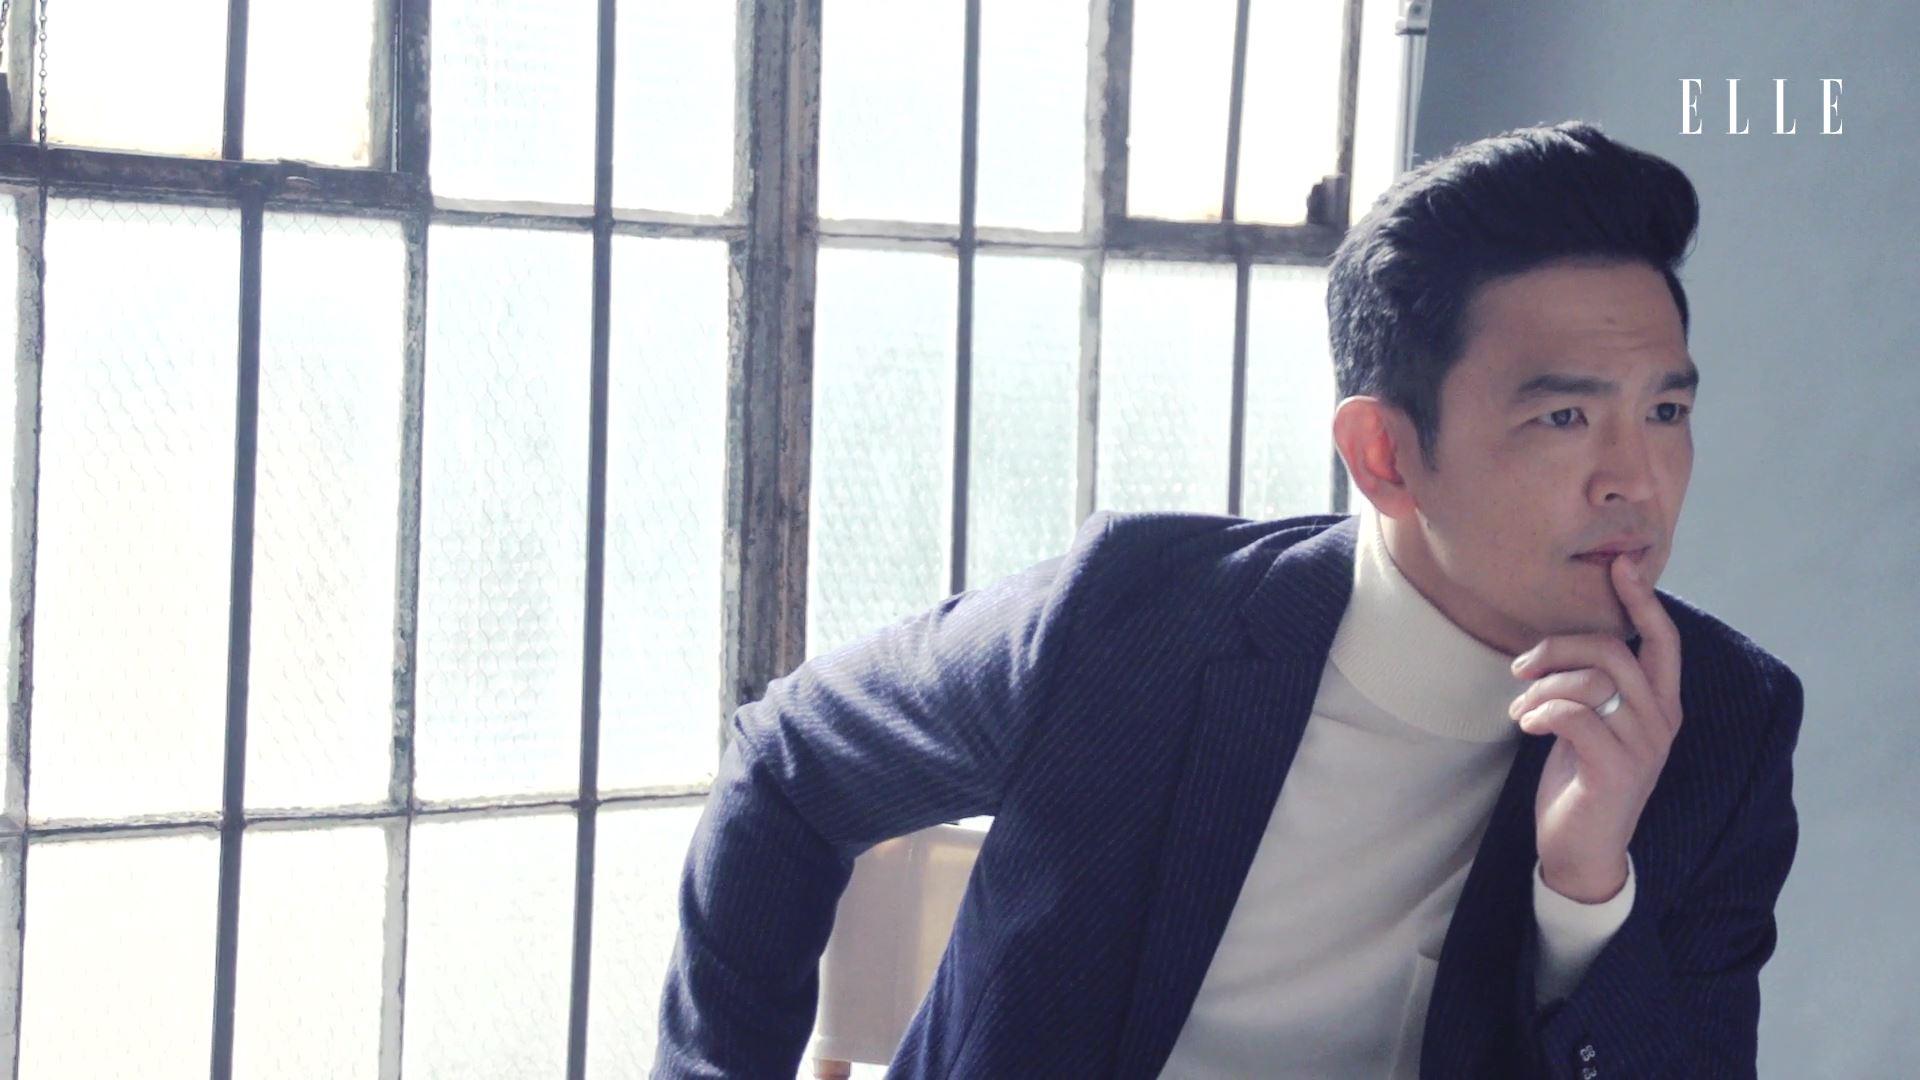 할리우드에서 아시안-아메리칸을 대표하는 얼굴이 된 존 조. 영화 #서치 주연으로 다시 한 번 자신의 위치를 공고히 한 그는 #아시아파워 의 중심이다.